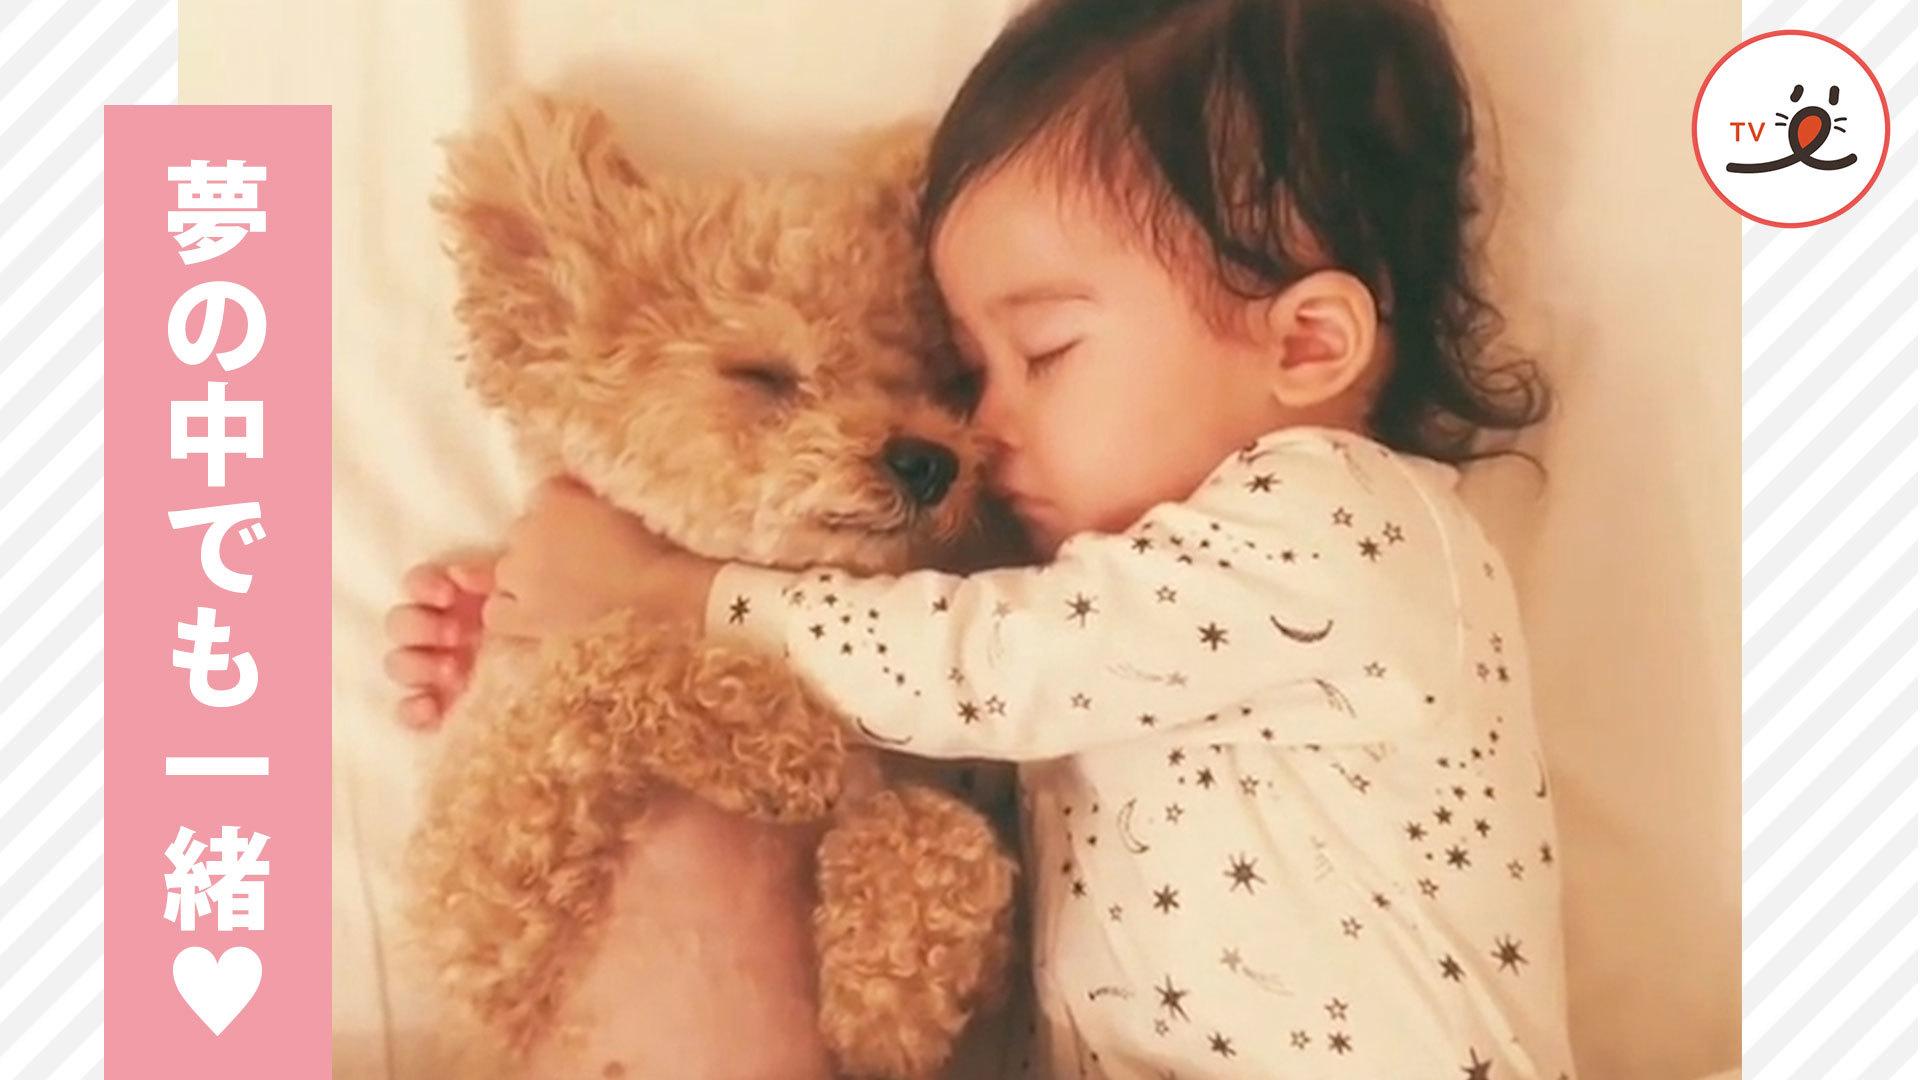 天使すぎる寝姿👼✨ トイプードルと赤ちゃんの仲良し姉妹の日々💕